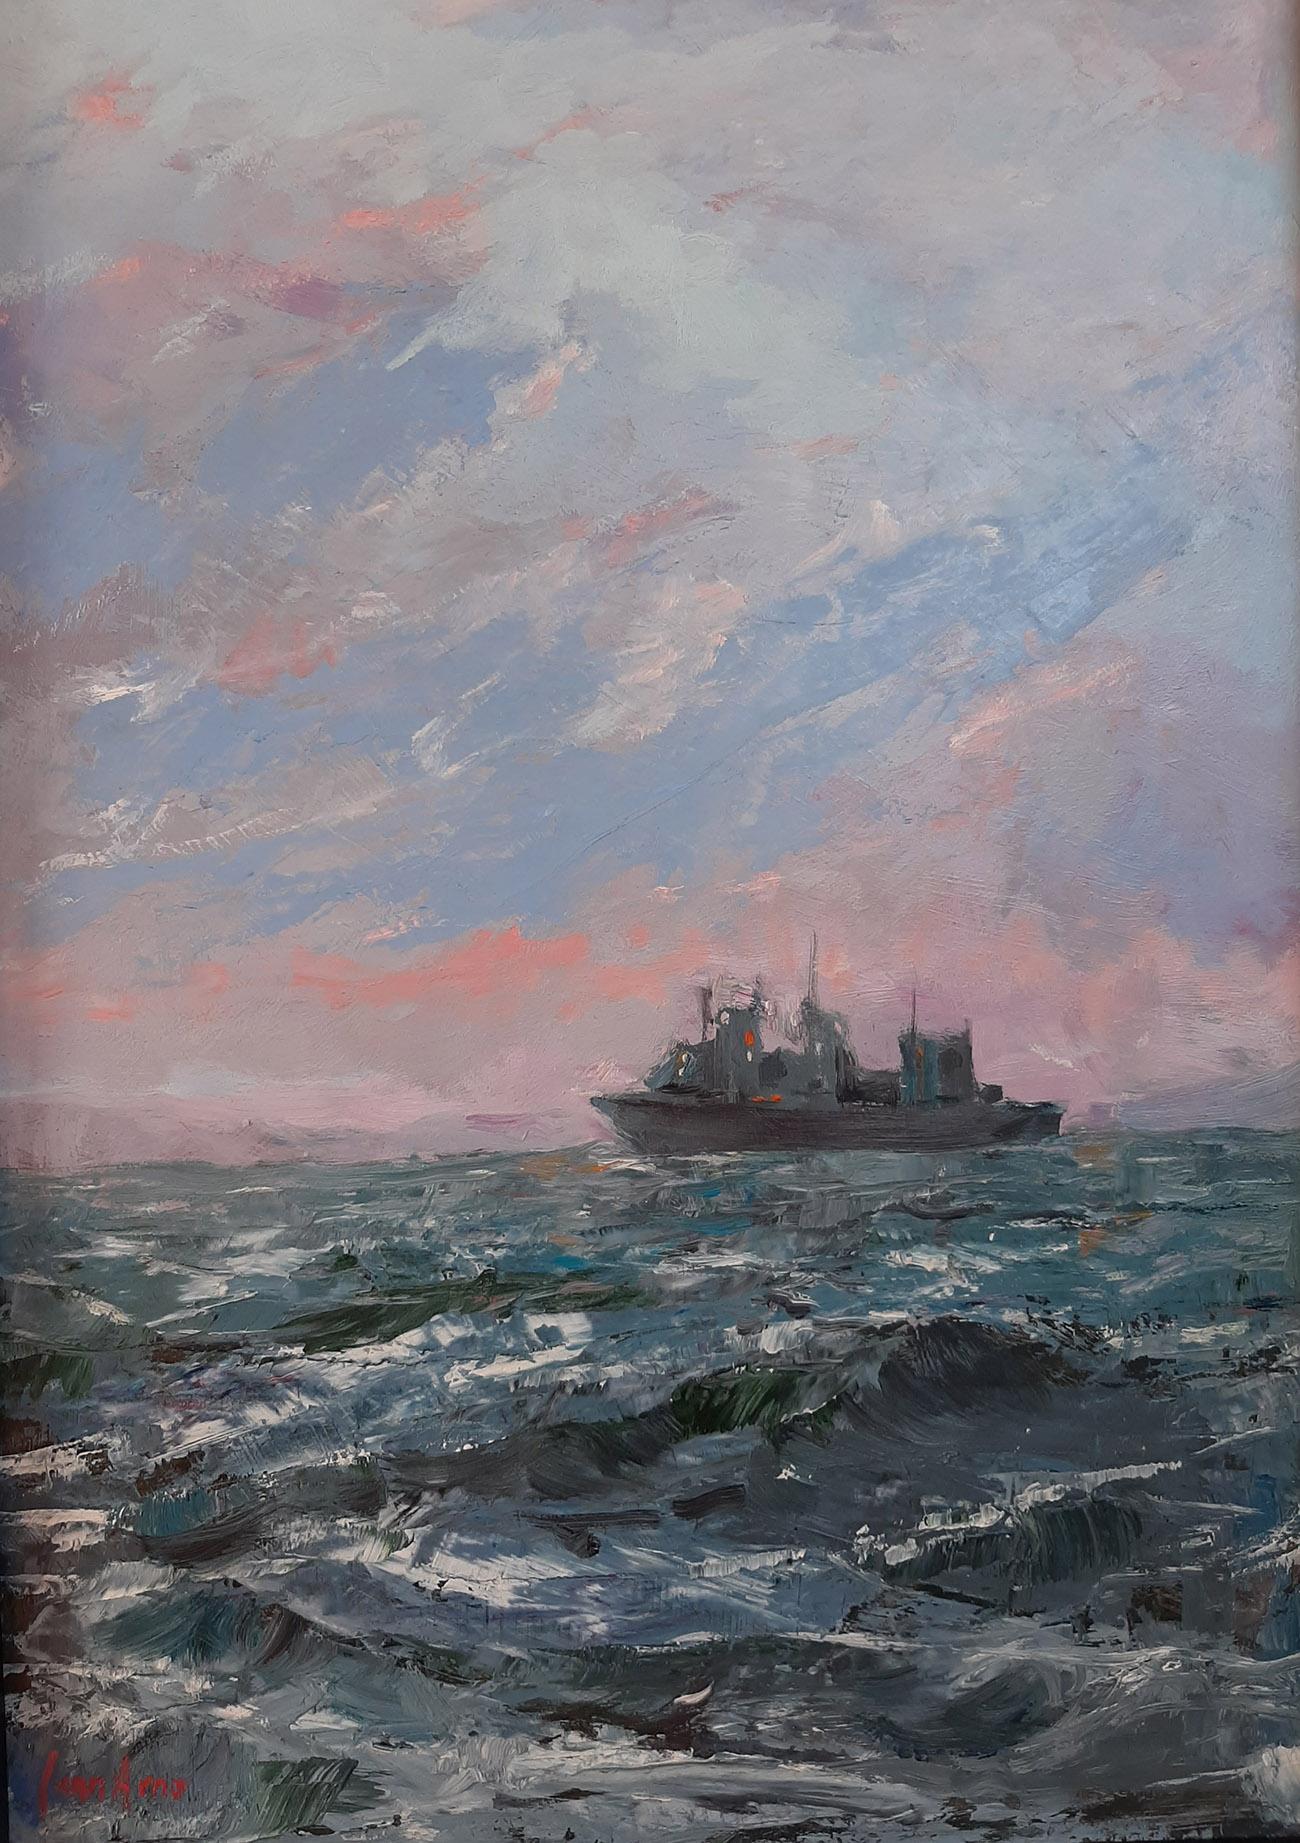 Juan Amo. (1992). V Centenario - Homenaje a la Armada. 45 x 36. Colección Privada.